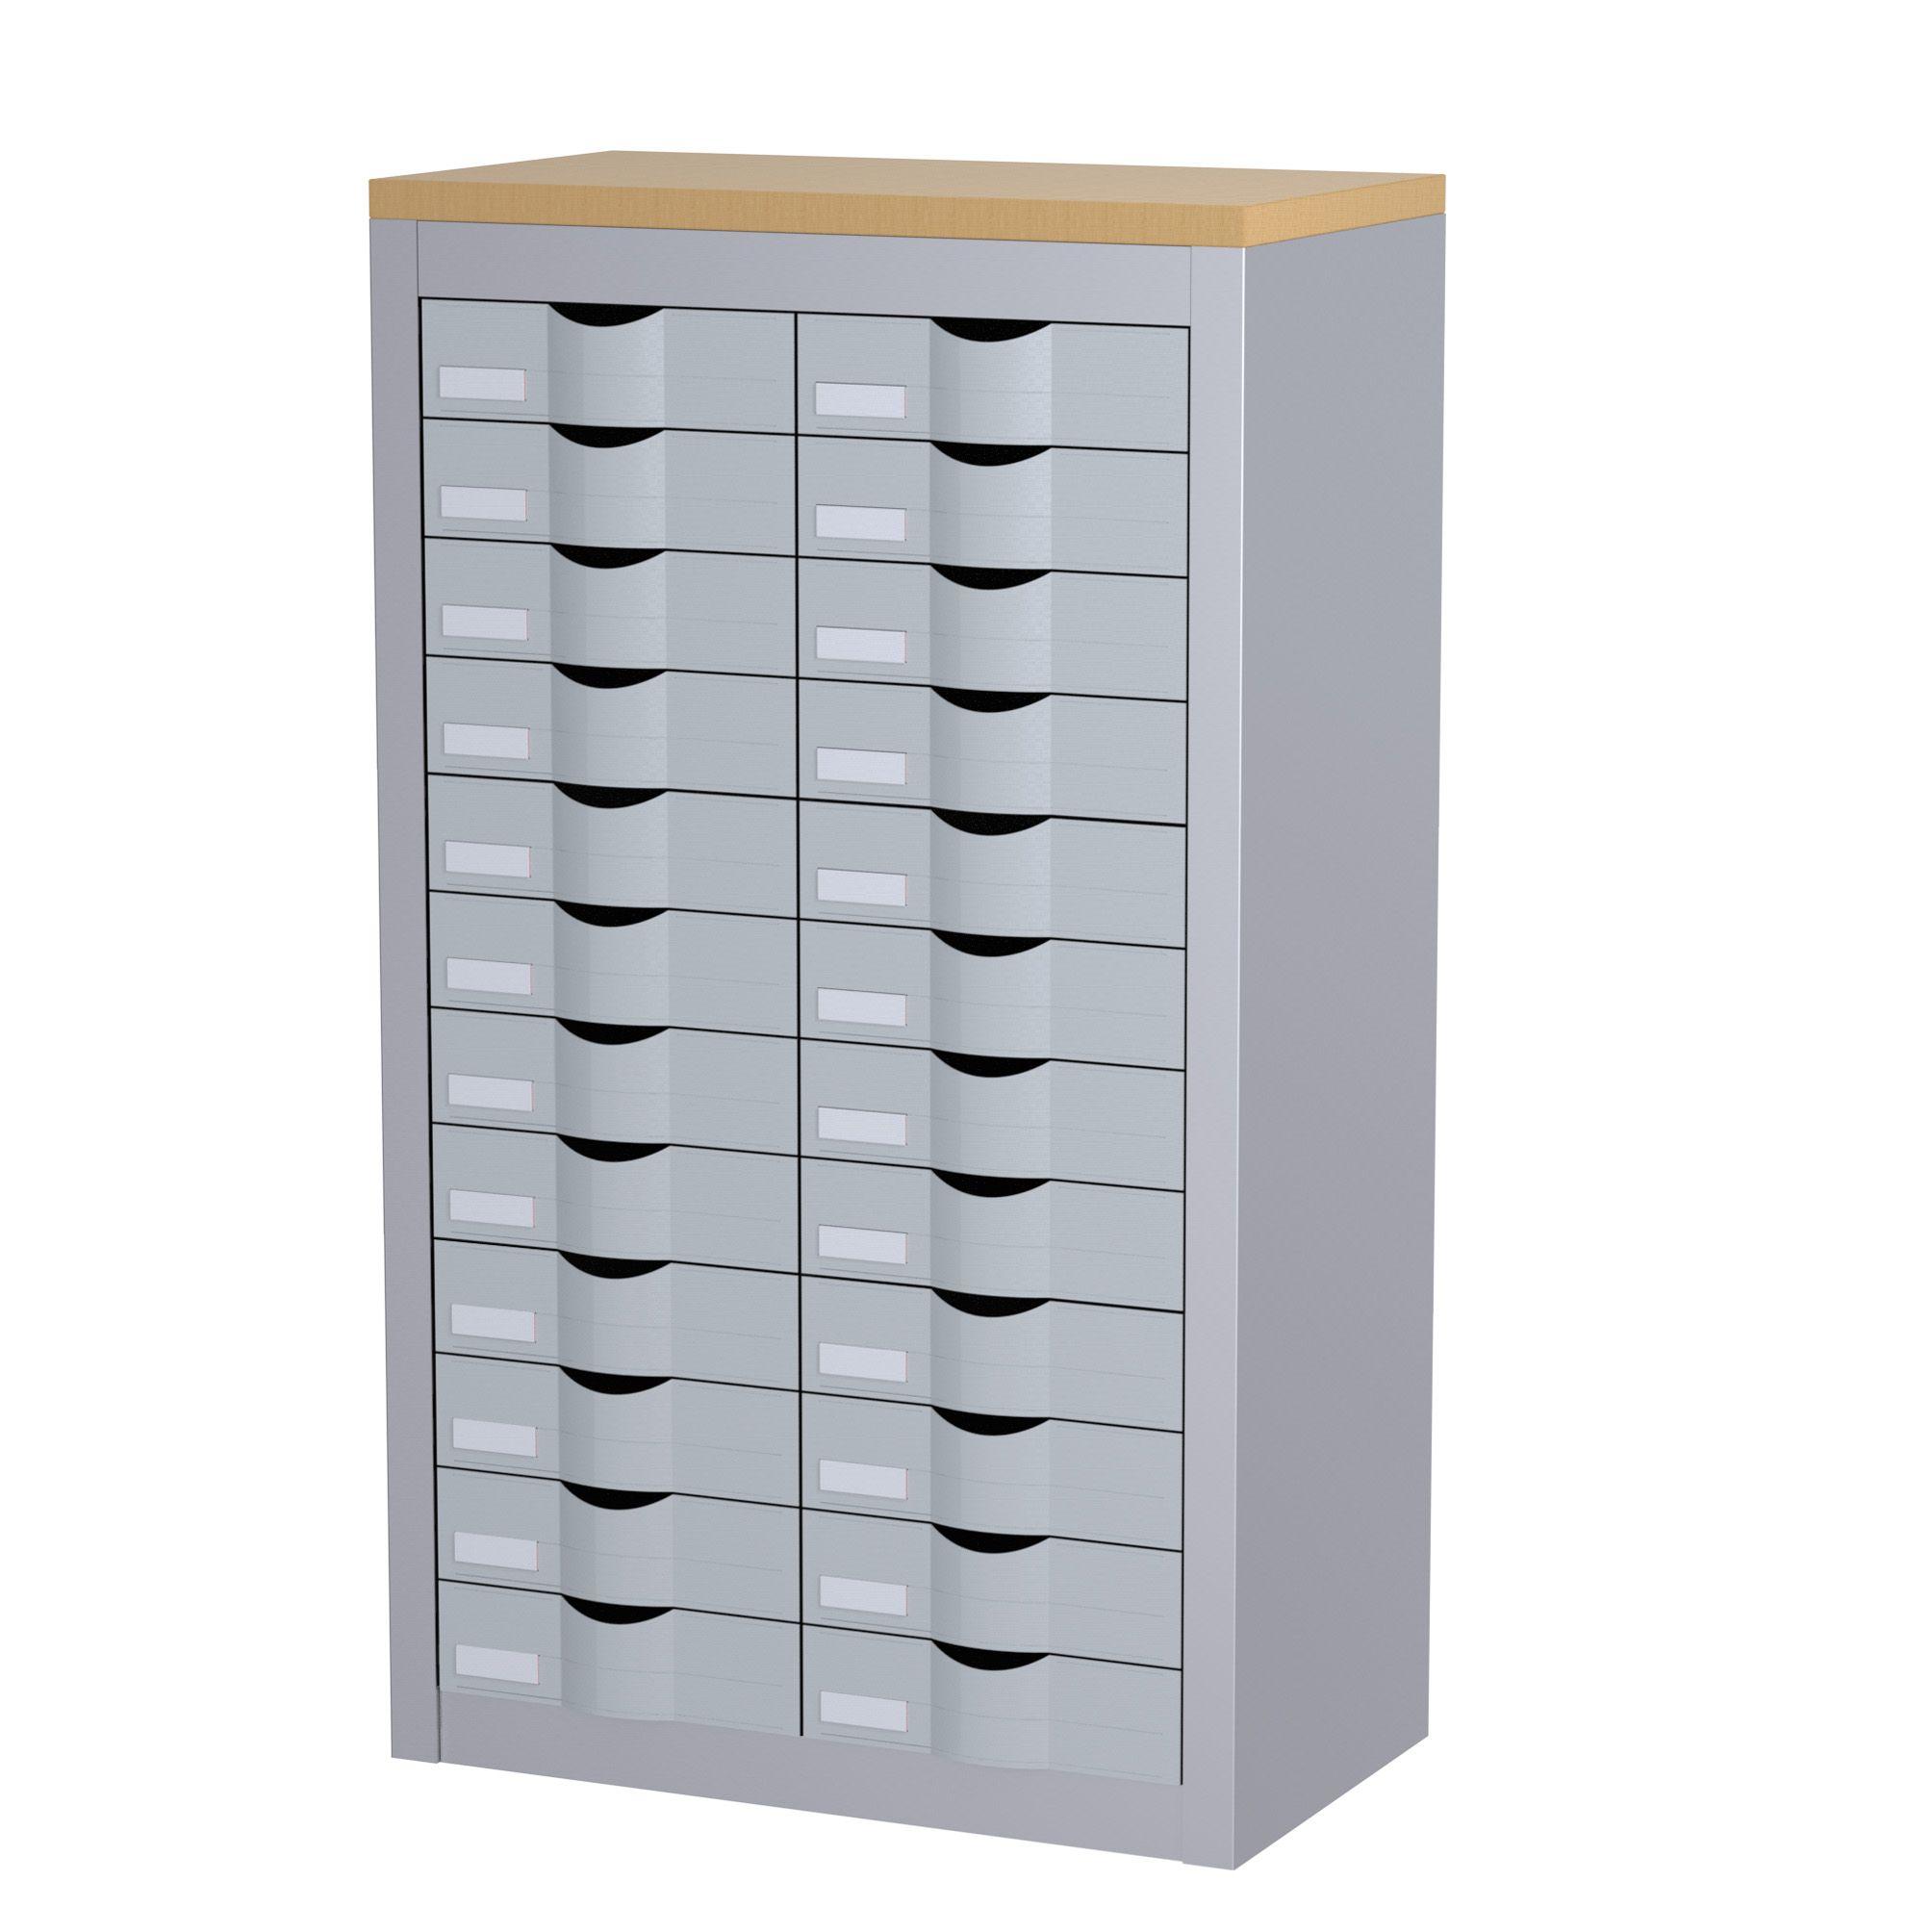 Meuble de rangement - 2 colonnes et 24 tiroirs - H106,5 x L60,5 x P33,5 cm - argent